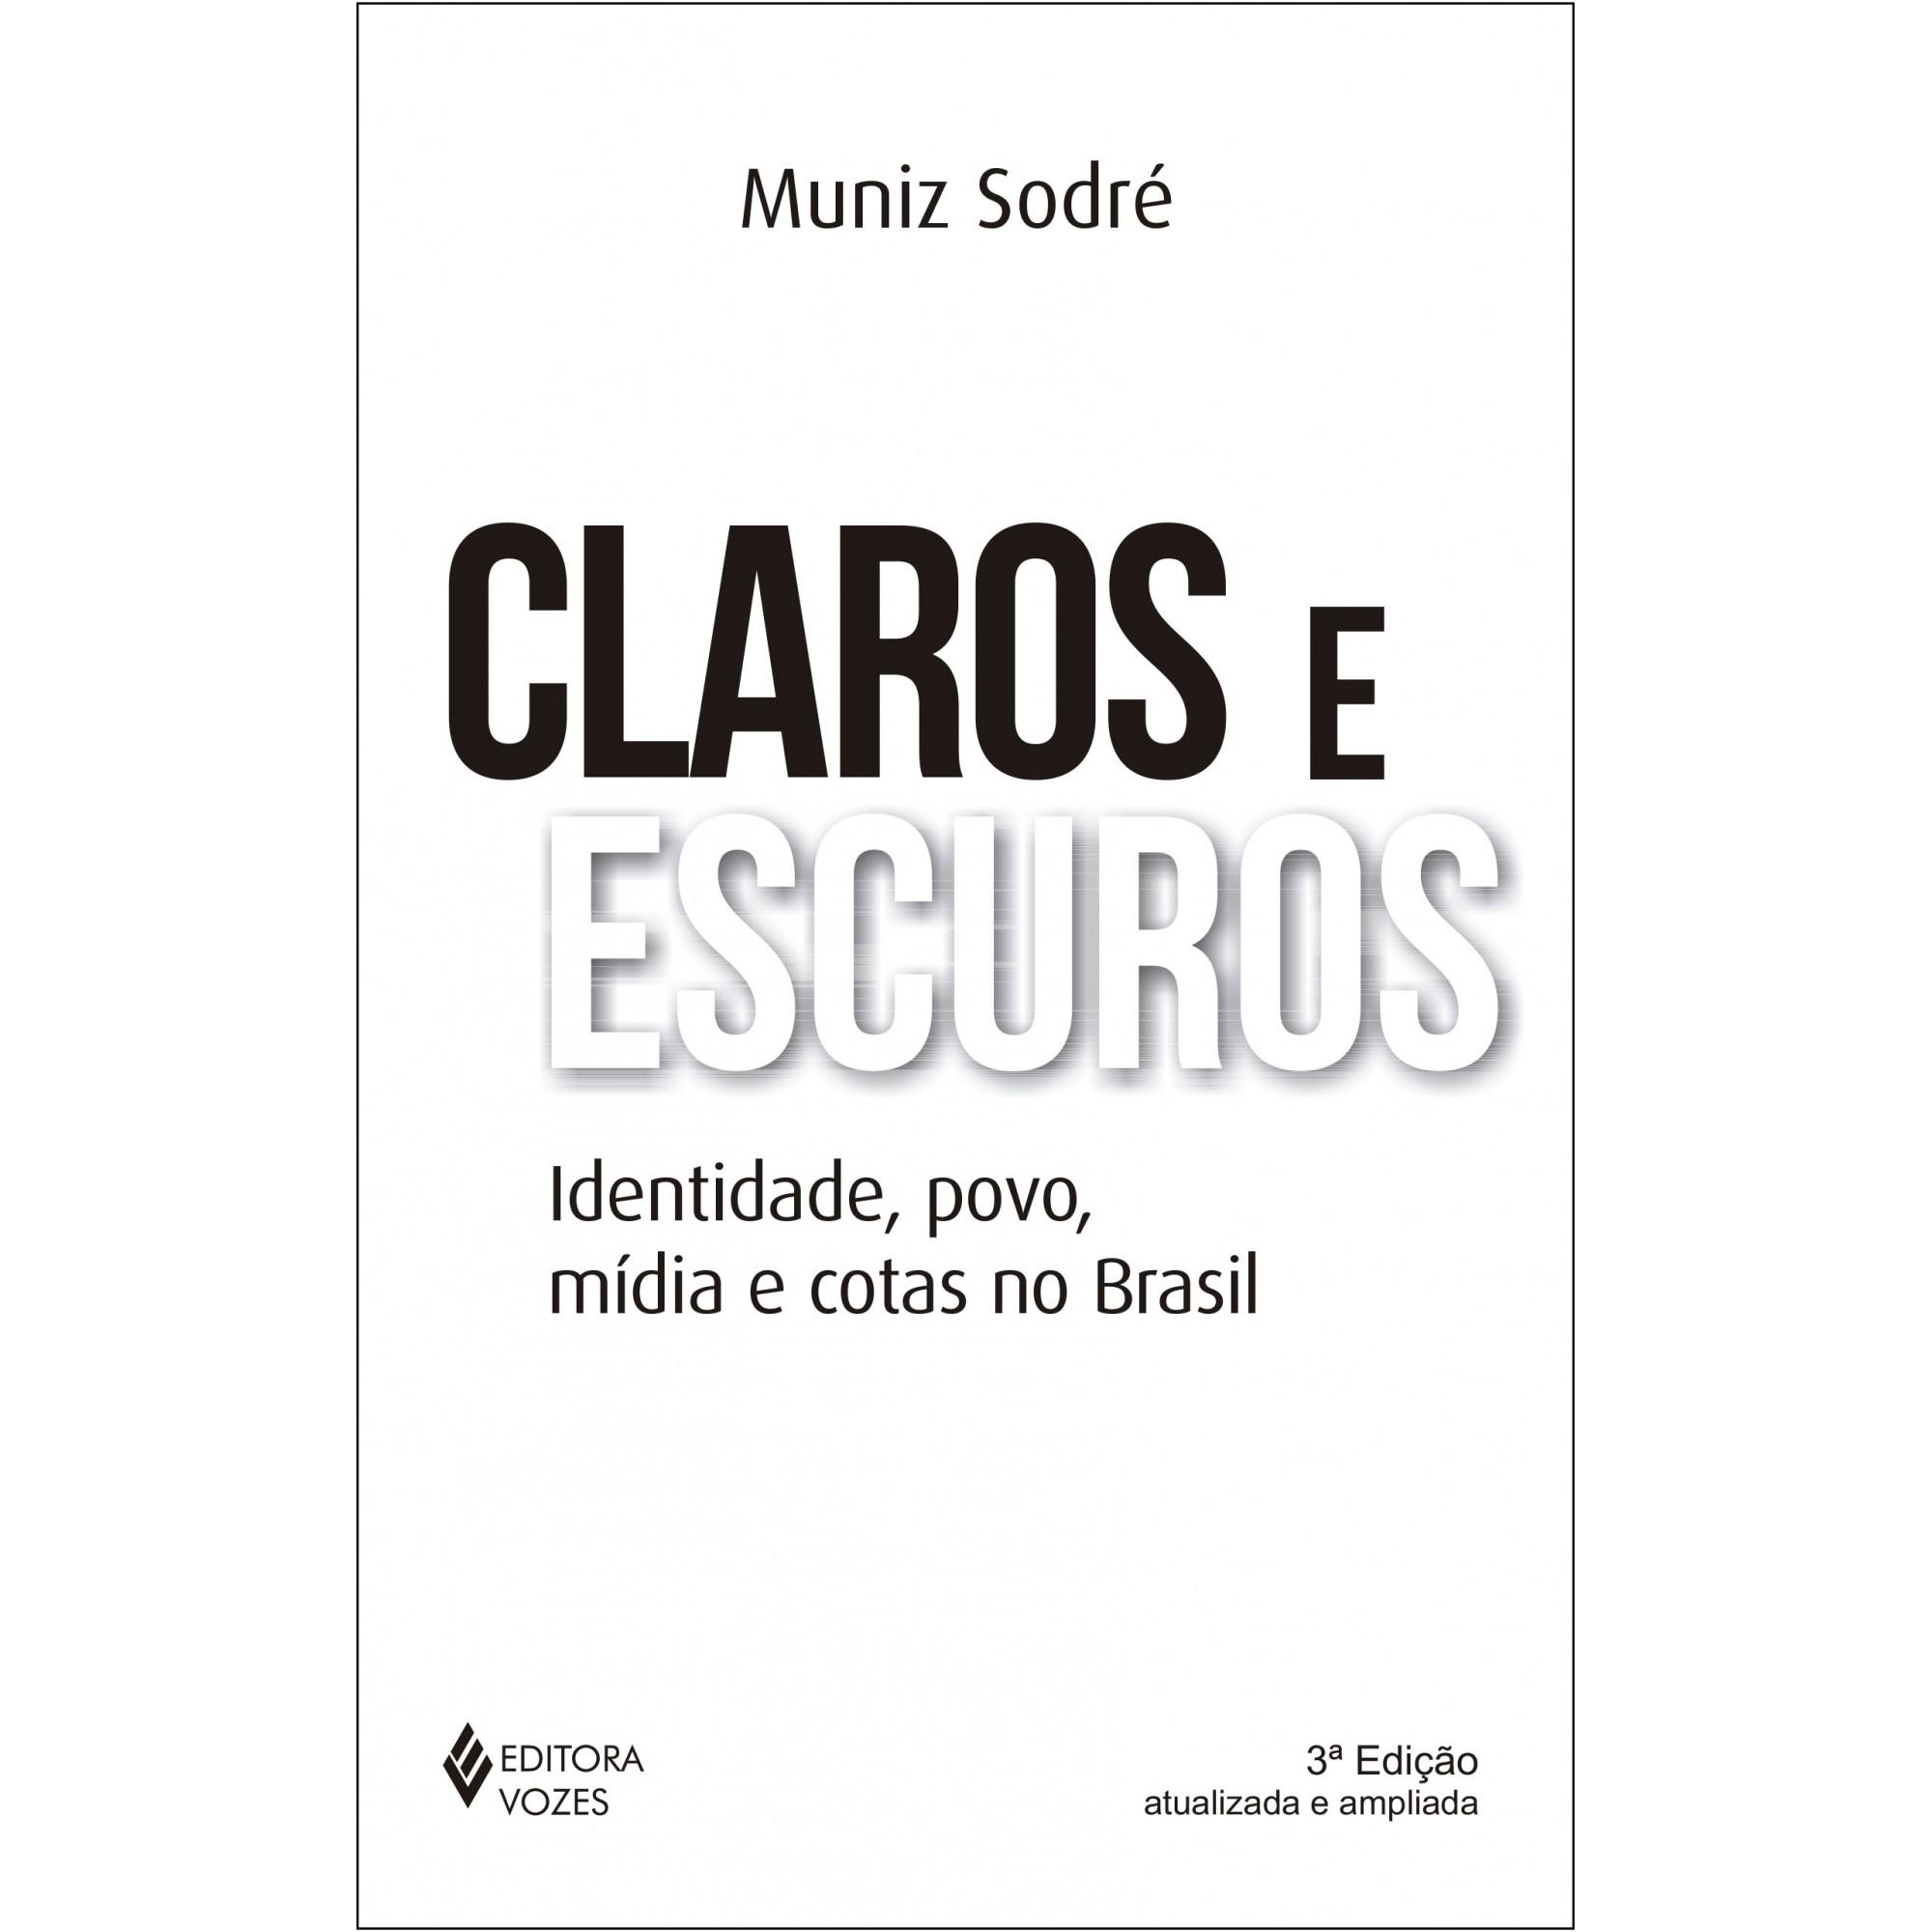 CLAROS E ESCUROS